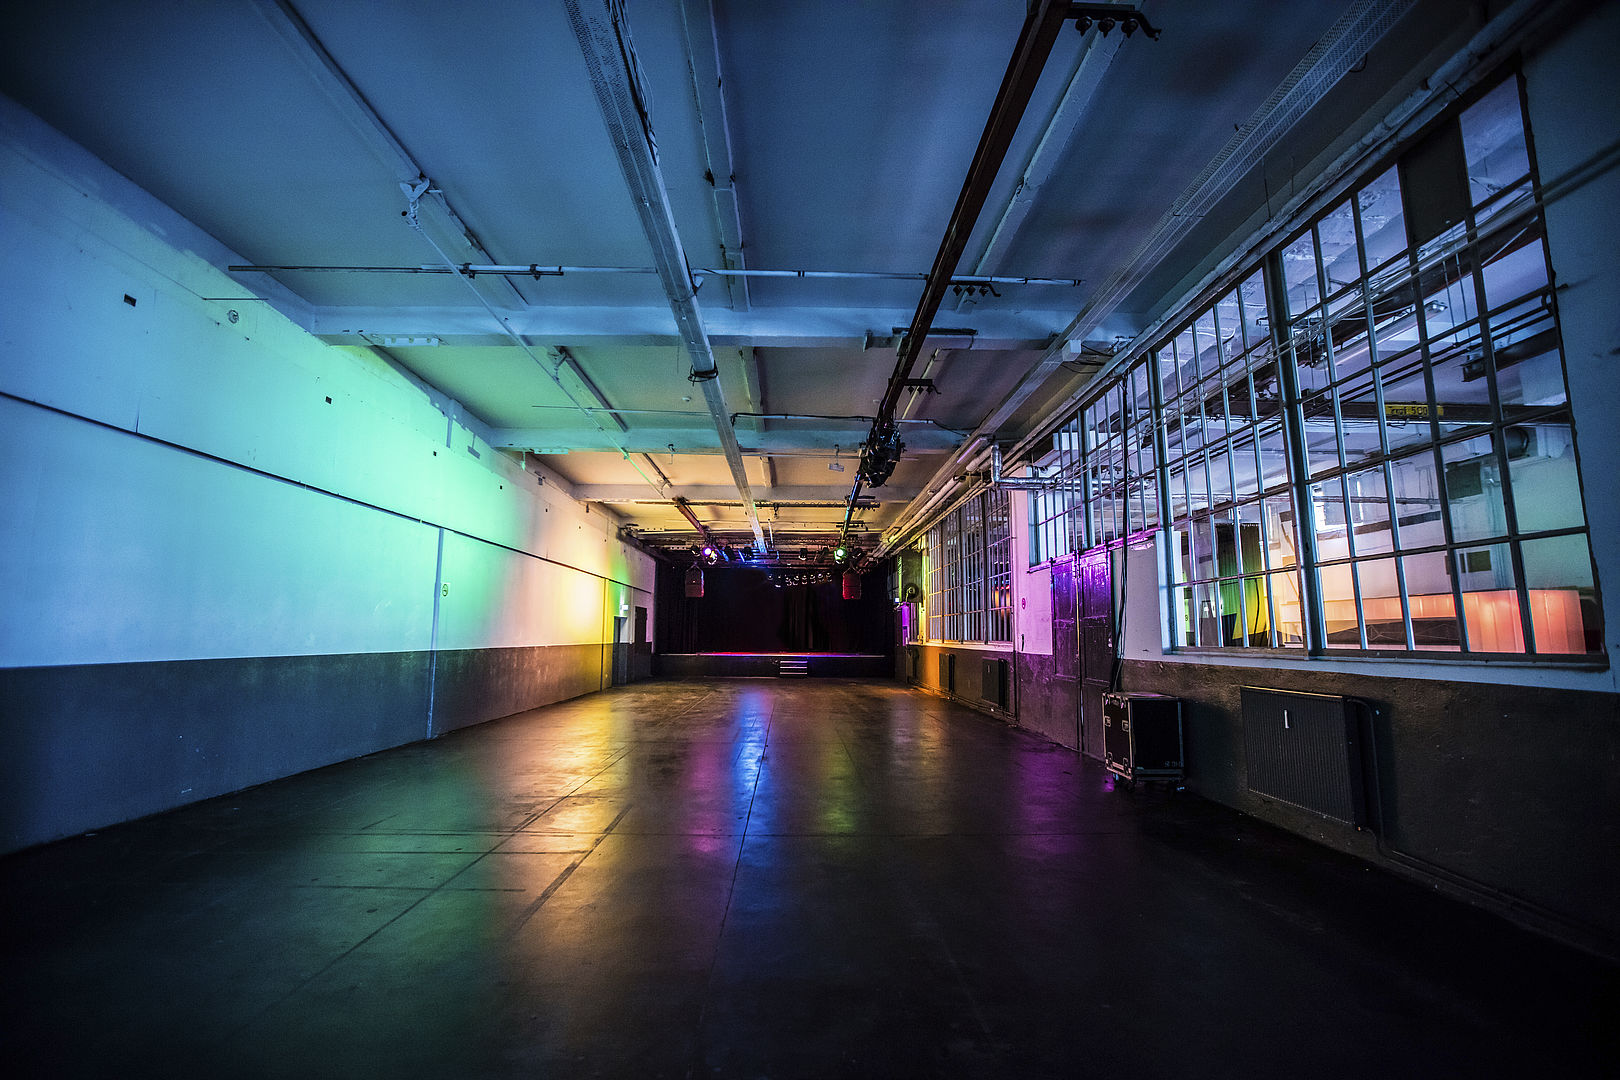 Arena Glashaus Veranstaltung Fiylo